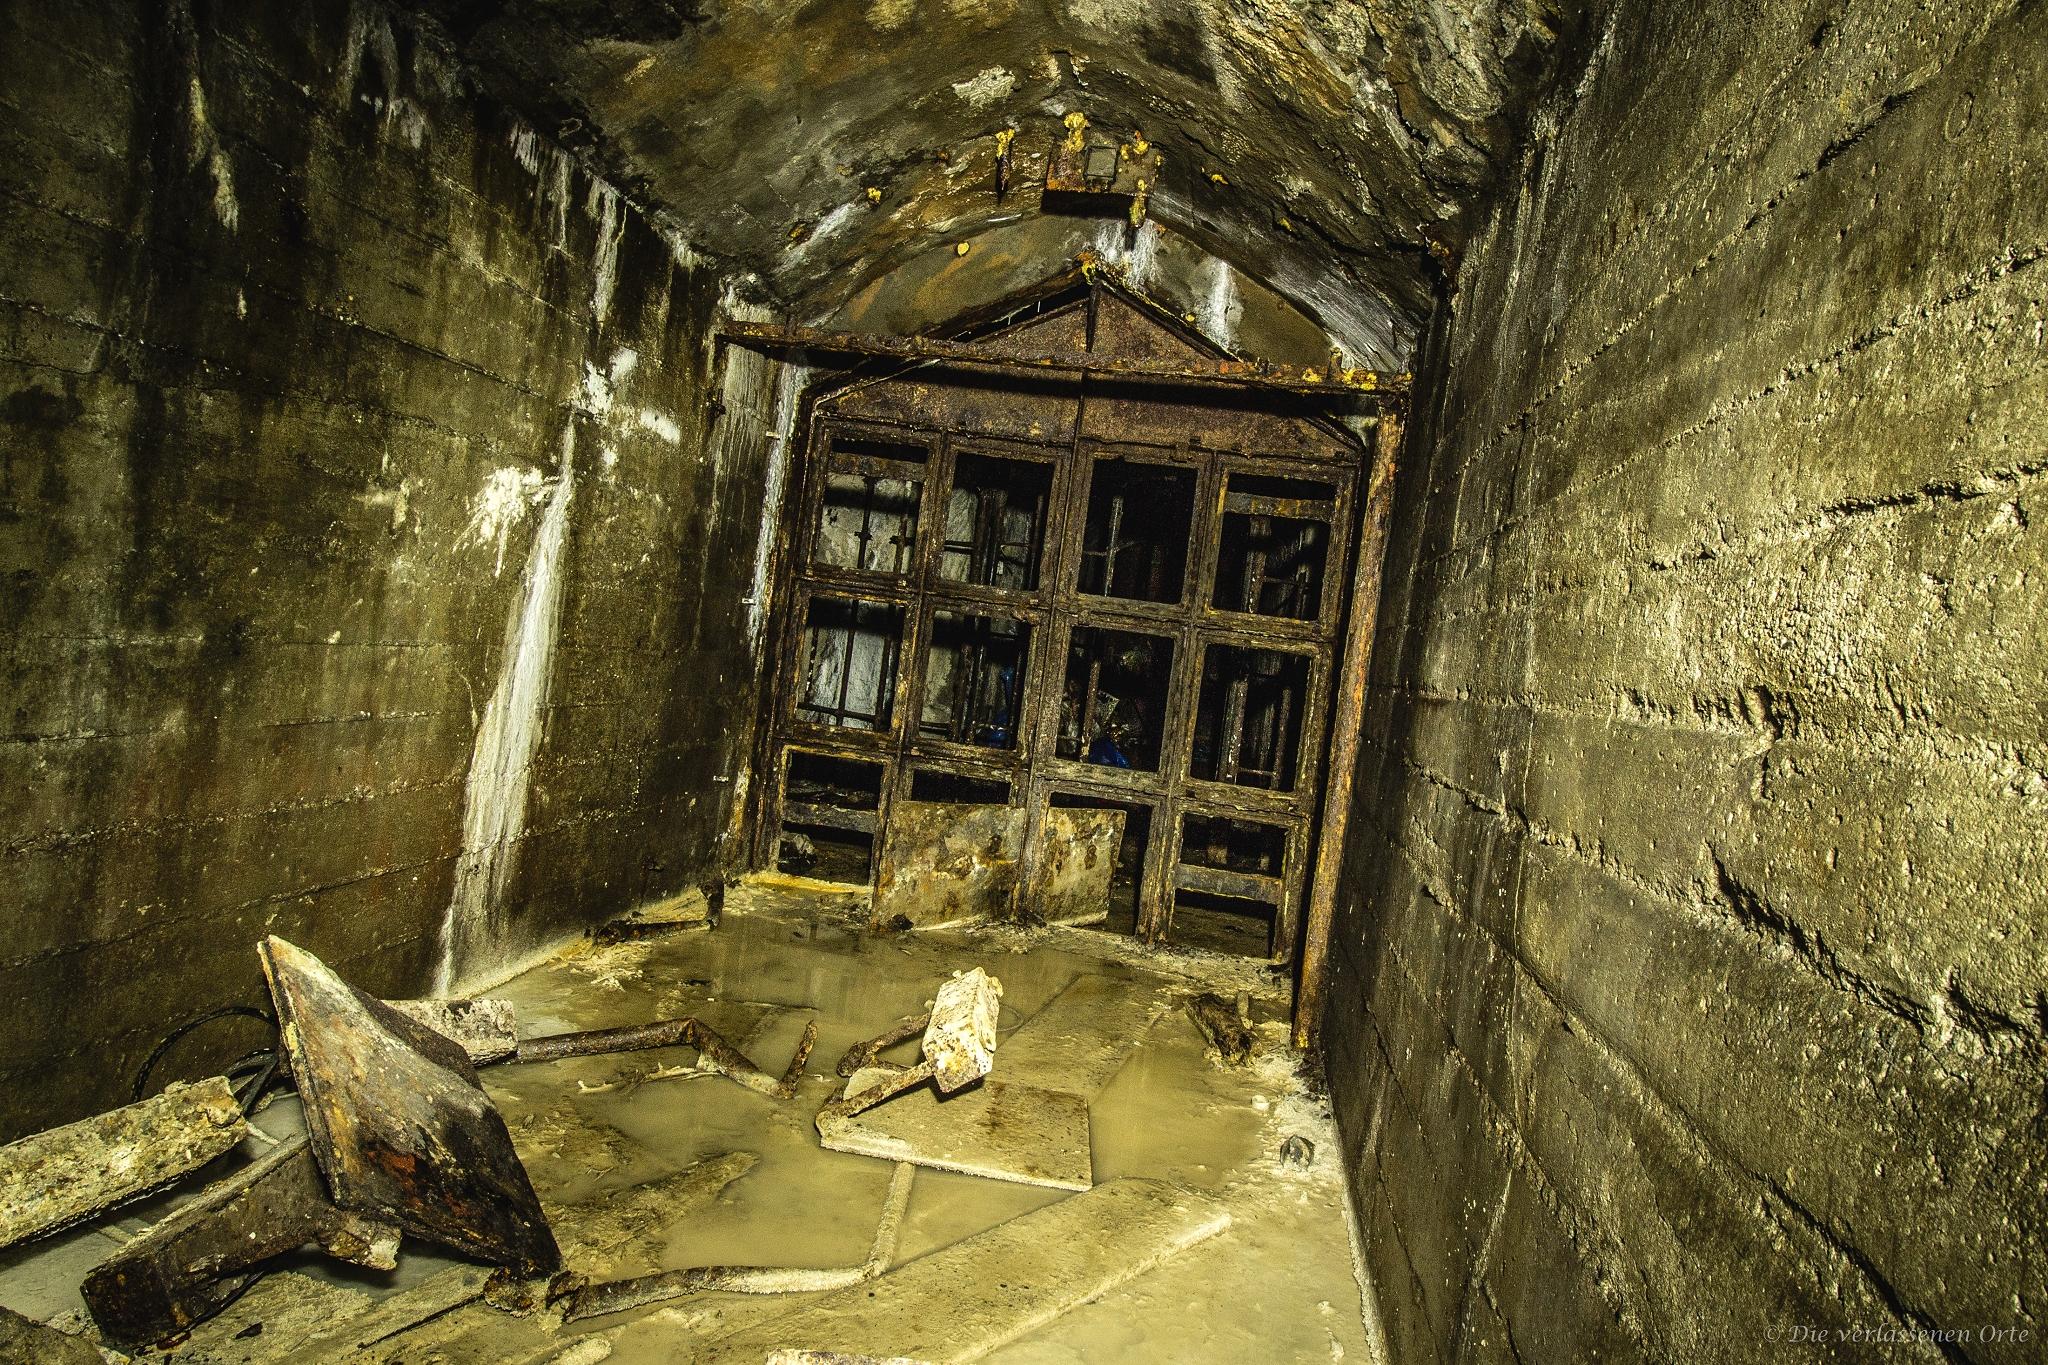 Немецкий бункер времен Второй Мировой Войны